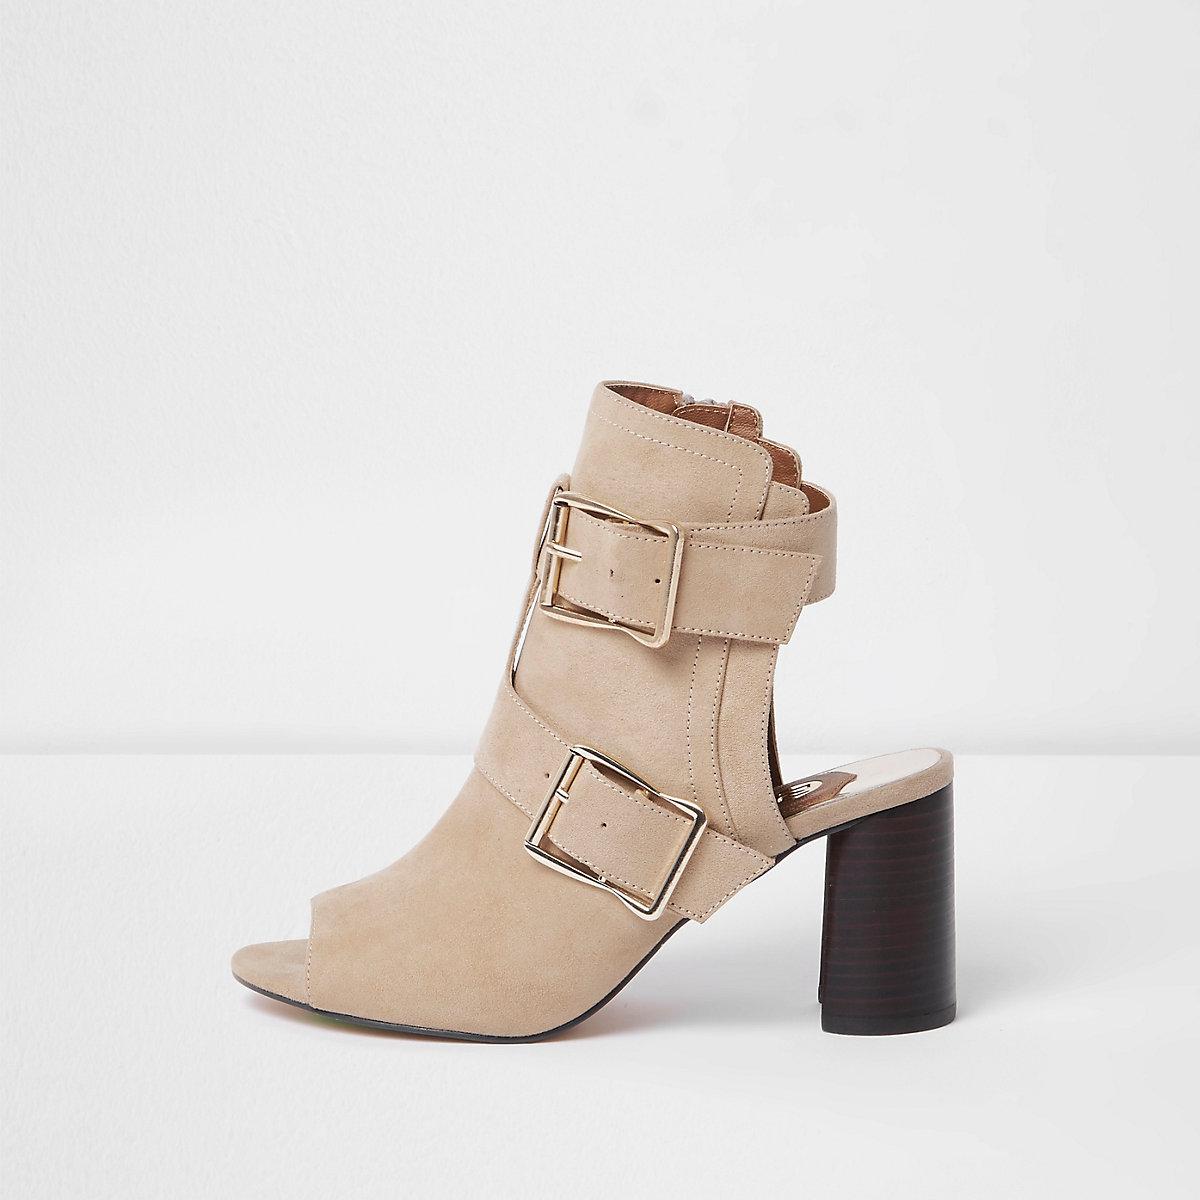 Beige multi buckle block heel shoe boots